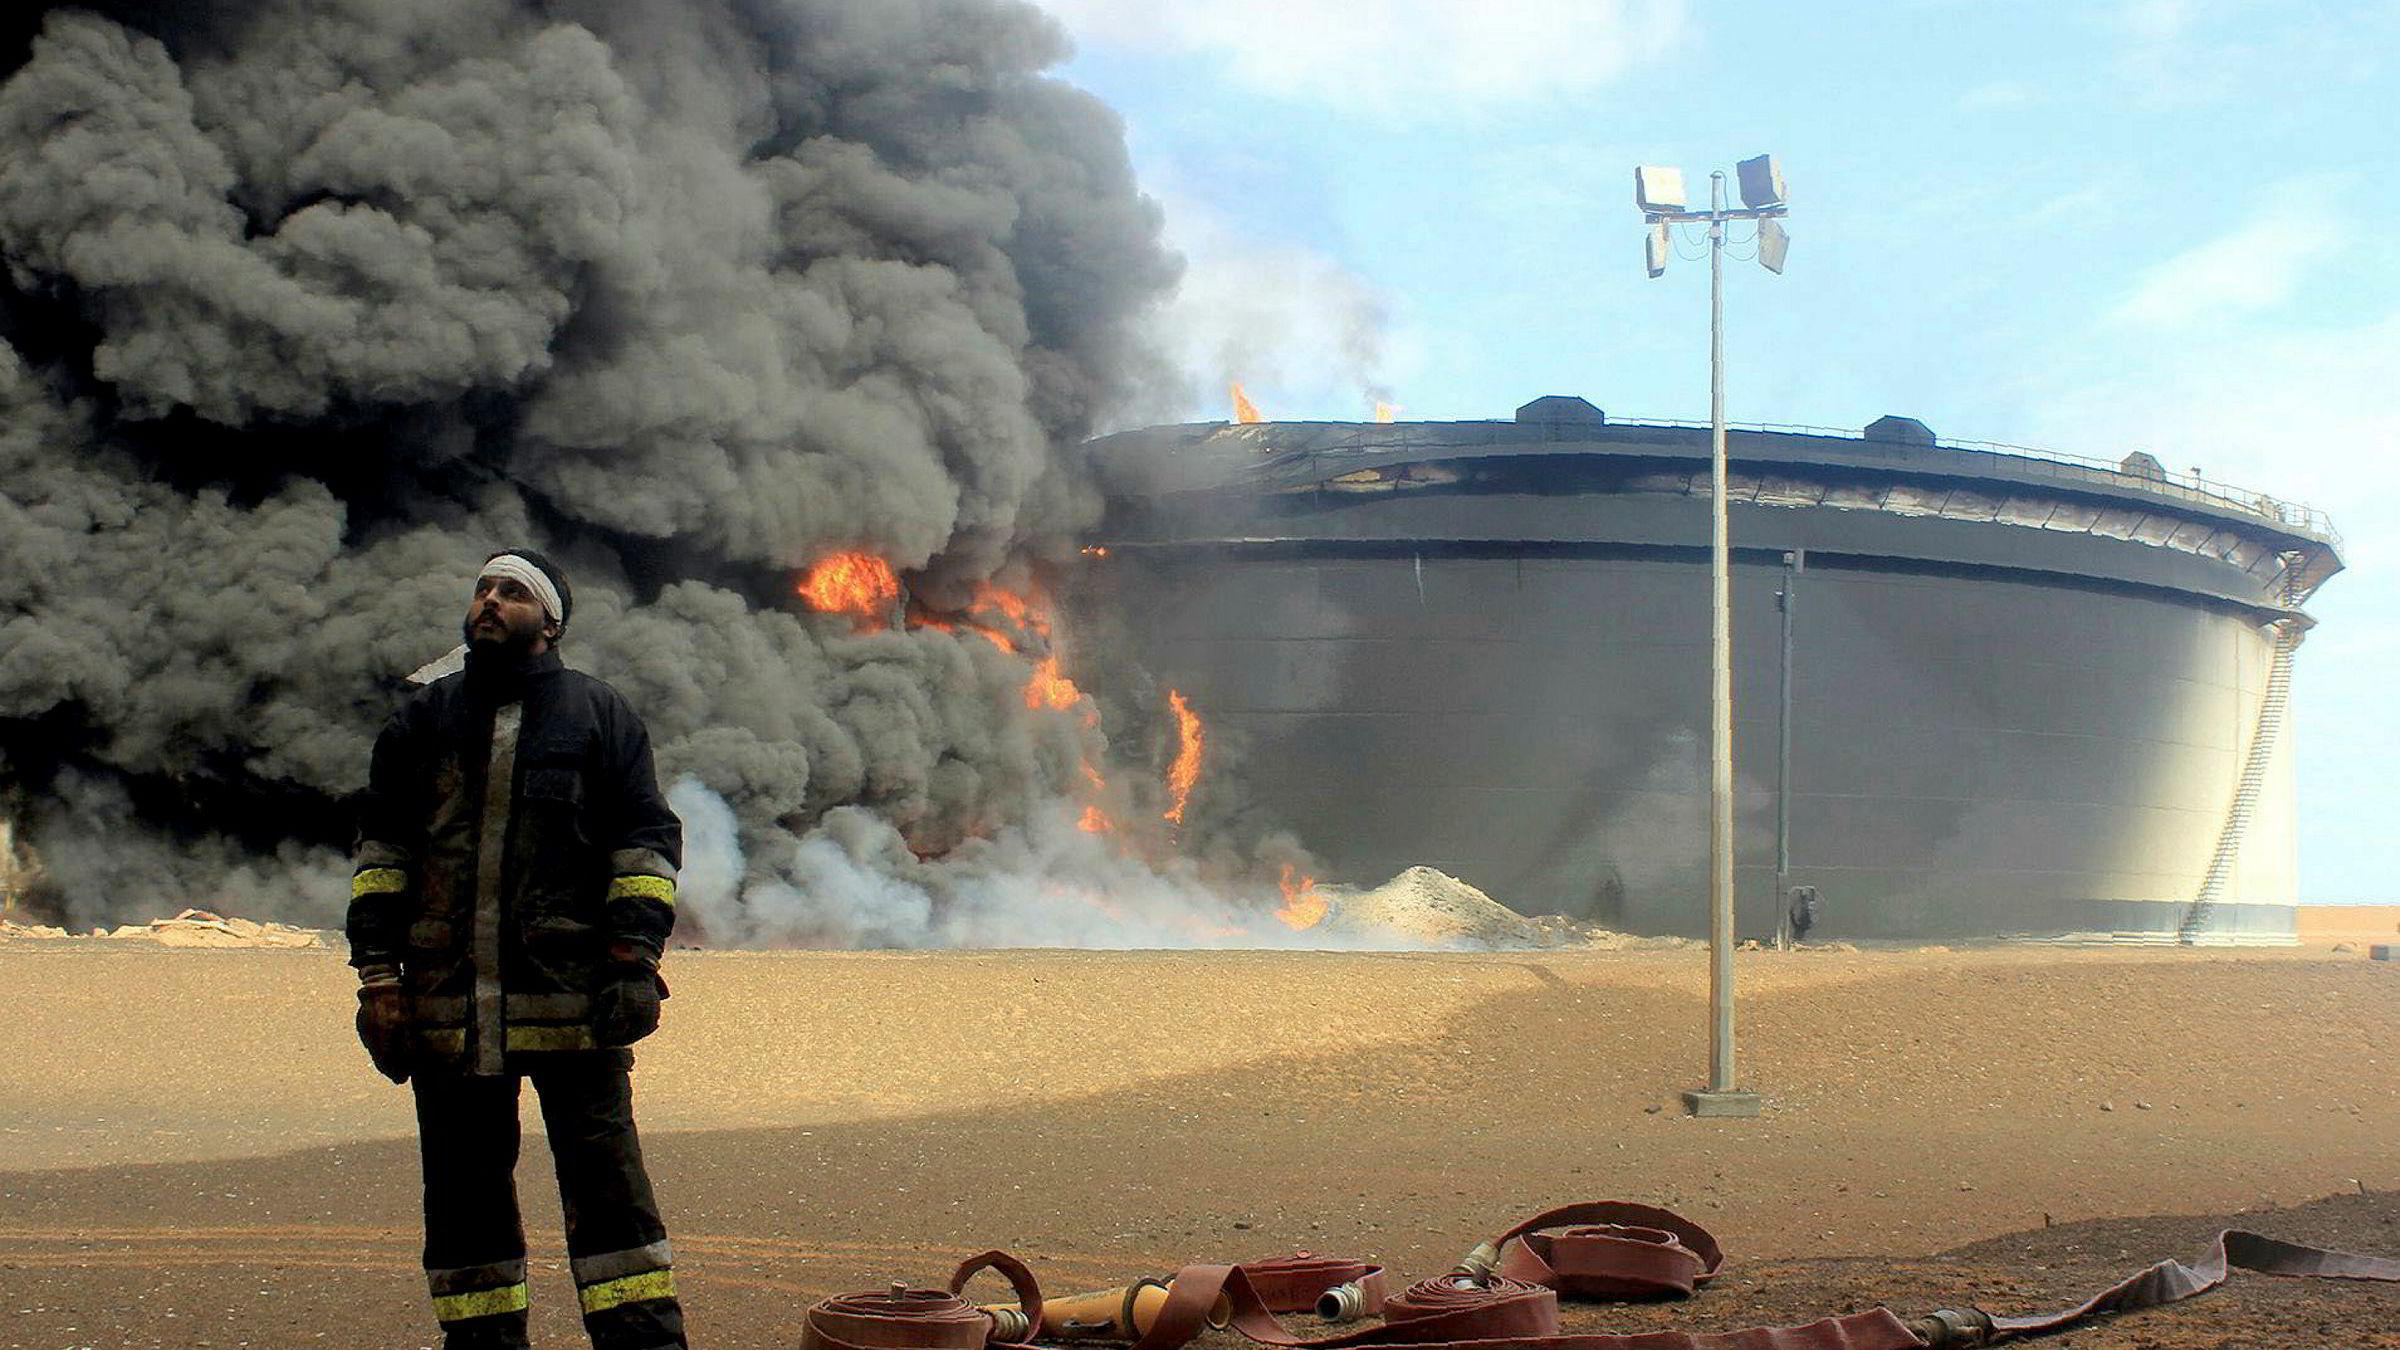 En libysk brannmann foran en oljelagerfasilitet i brann fra den oljerike Ras Lanuf-regionen i fjor. Det er dette området ulike militsgrupper nå kjemper over i Libya.